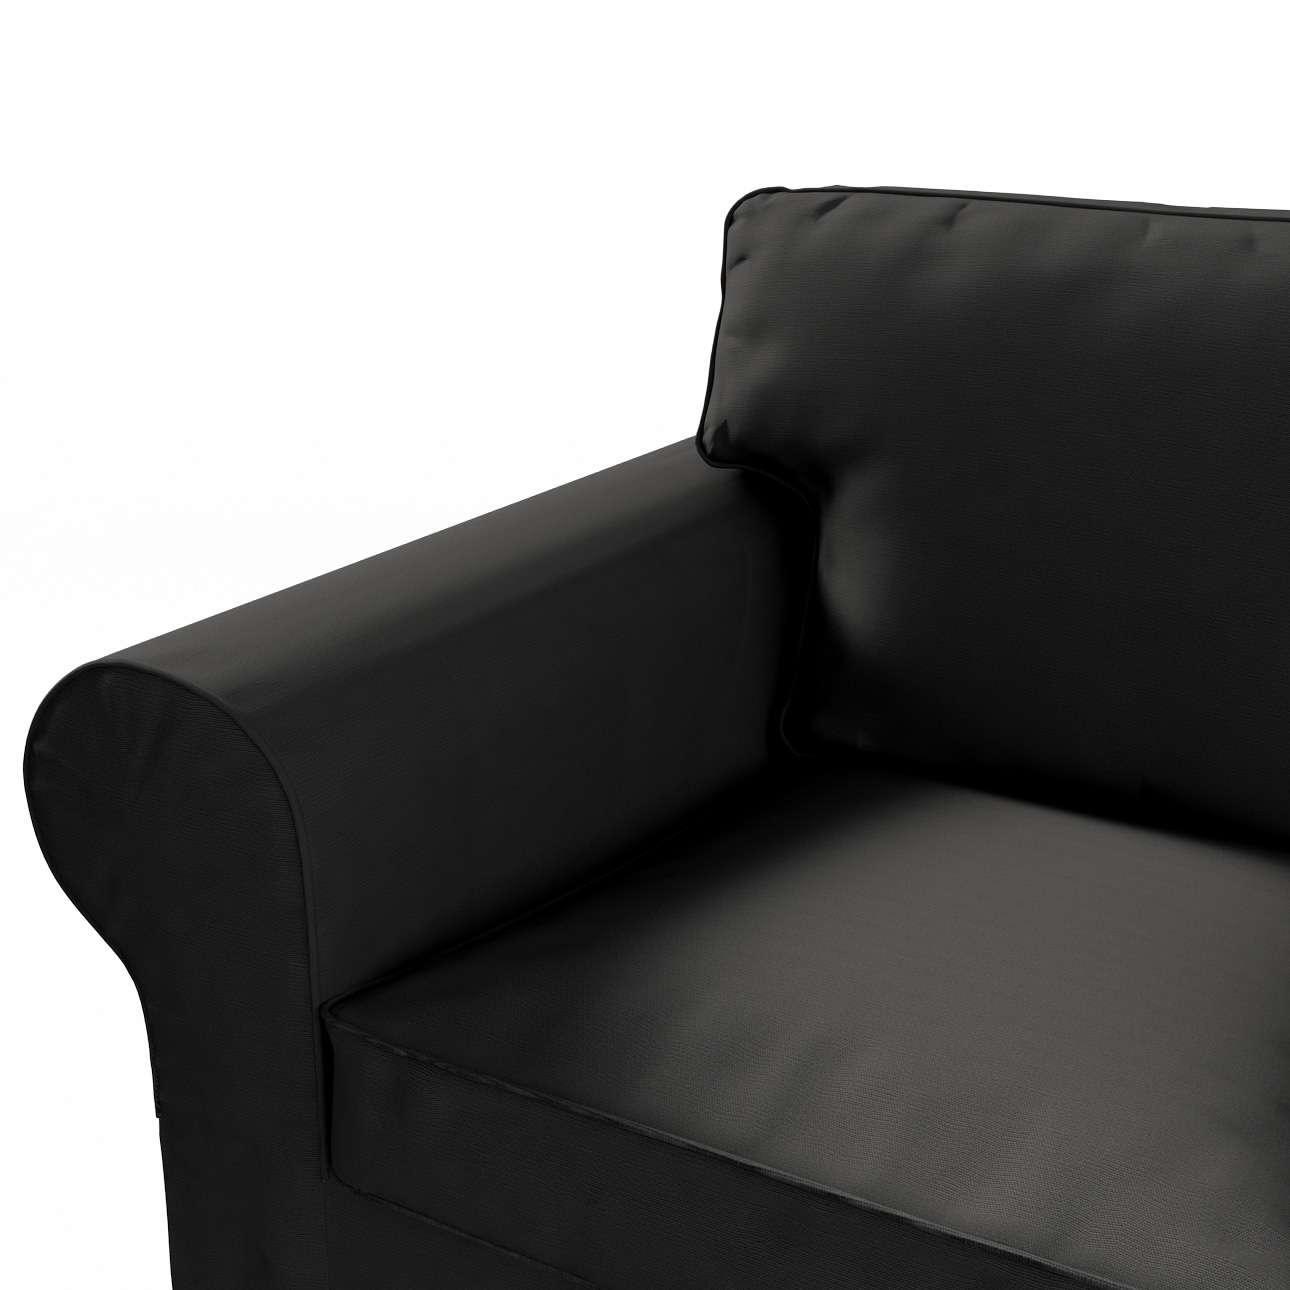 Potah na pohovku IKEA  Ektorp 3-místná, nerozkládací pohovka Ektorp 3-místná v kolekci Cotton Panama, látka: 702-08